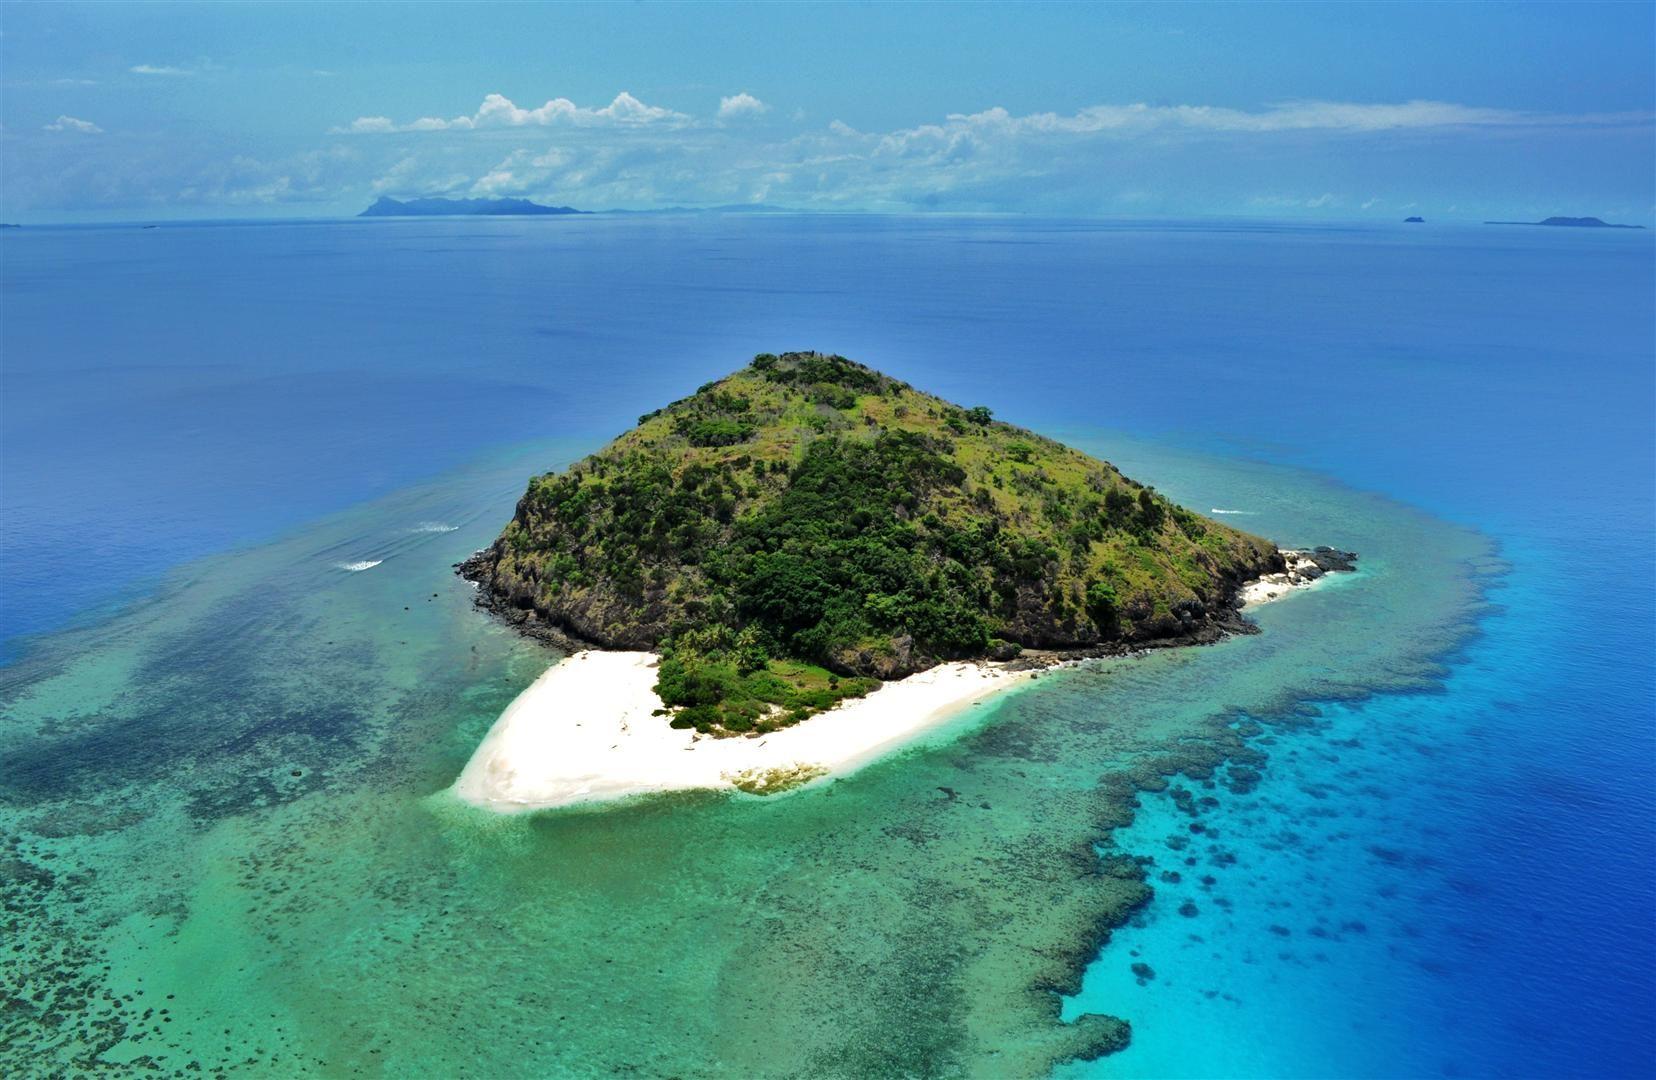 island for sale in Fiji.....hmmmm ;)